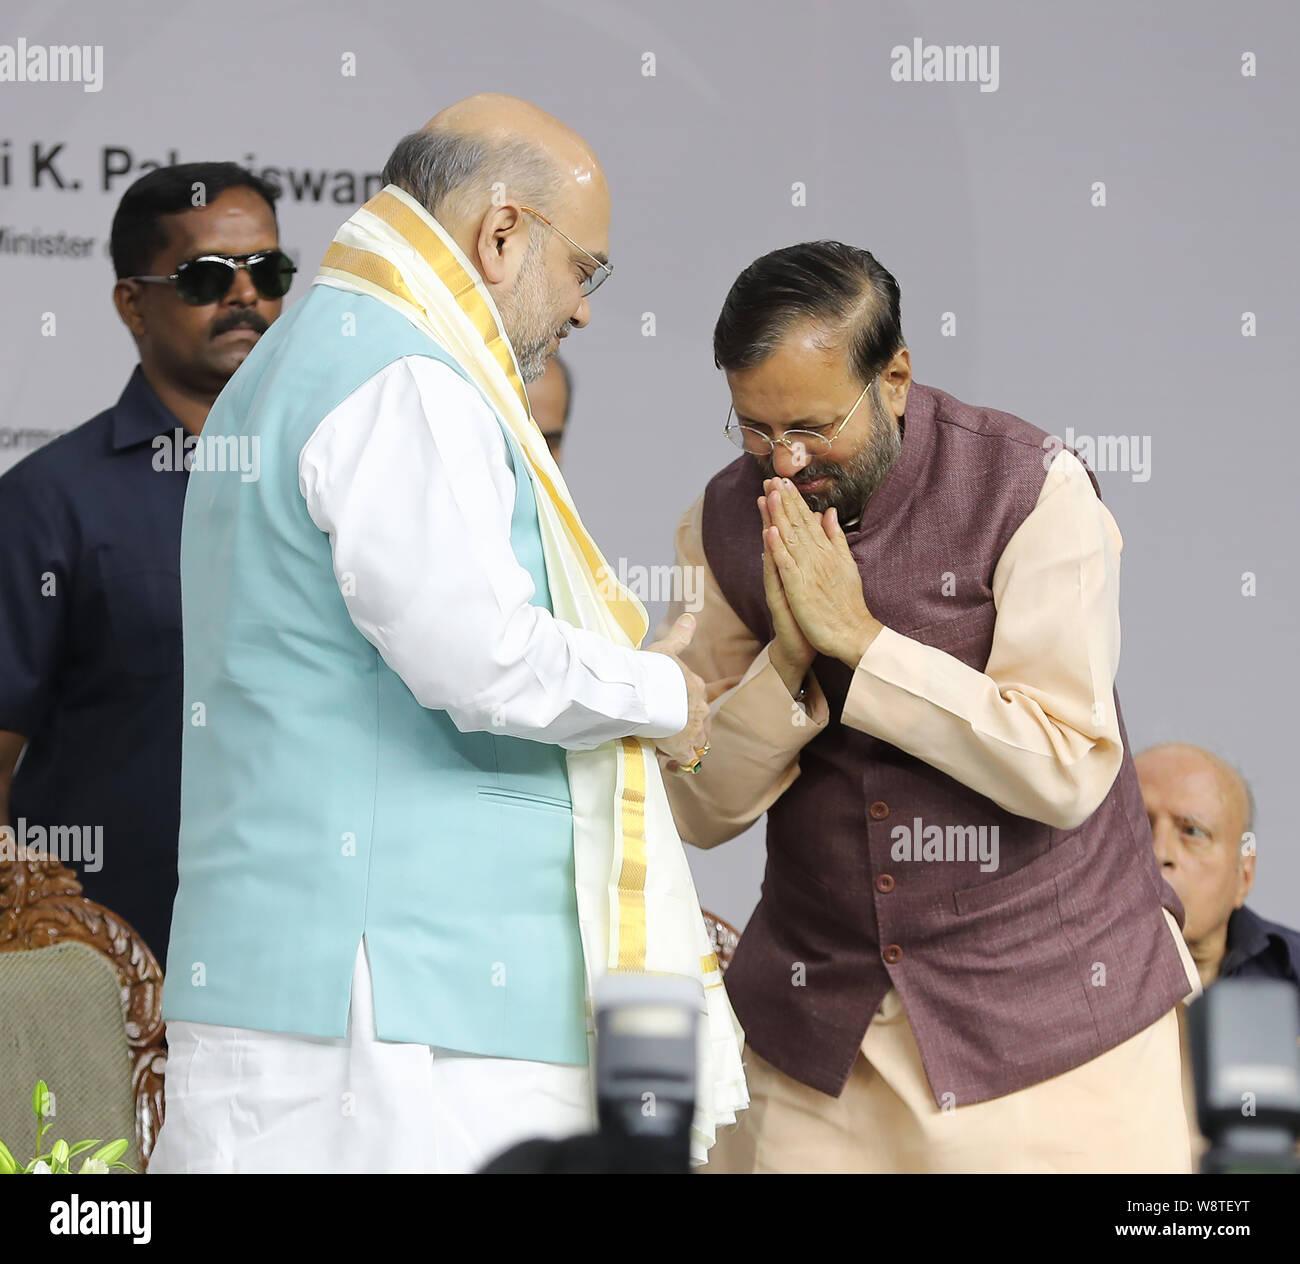 Chennai, Aug 11, 2019: Amit Shah siendo felicitated con un shal durante el libro Escuchar, Aprender y liderar el Vice Presidente de la India, durante dos años en el cargo ha sido liberado por Shri Amit Shah, el Ministro del Interior con la presencia del Gobernador de TN, Ministro Jefe de Tamil Nadu, I&B Mi Prakash Jawdekar, Actor Rajnikanth Auditor Gurumurthy, Gopichand y otros. Seshadri SUKUMAR Foto de stock